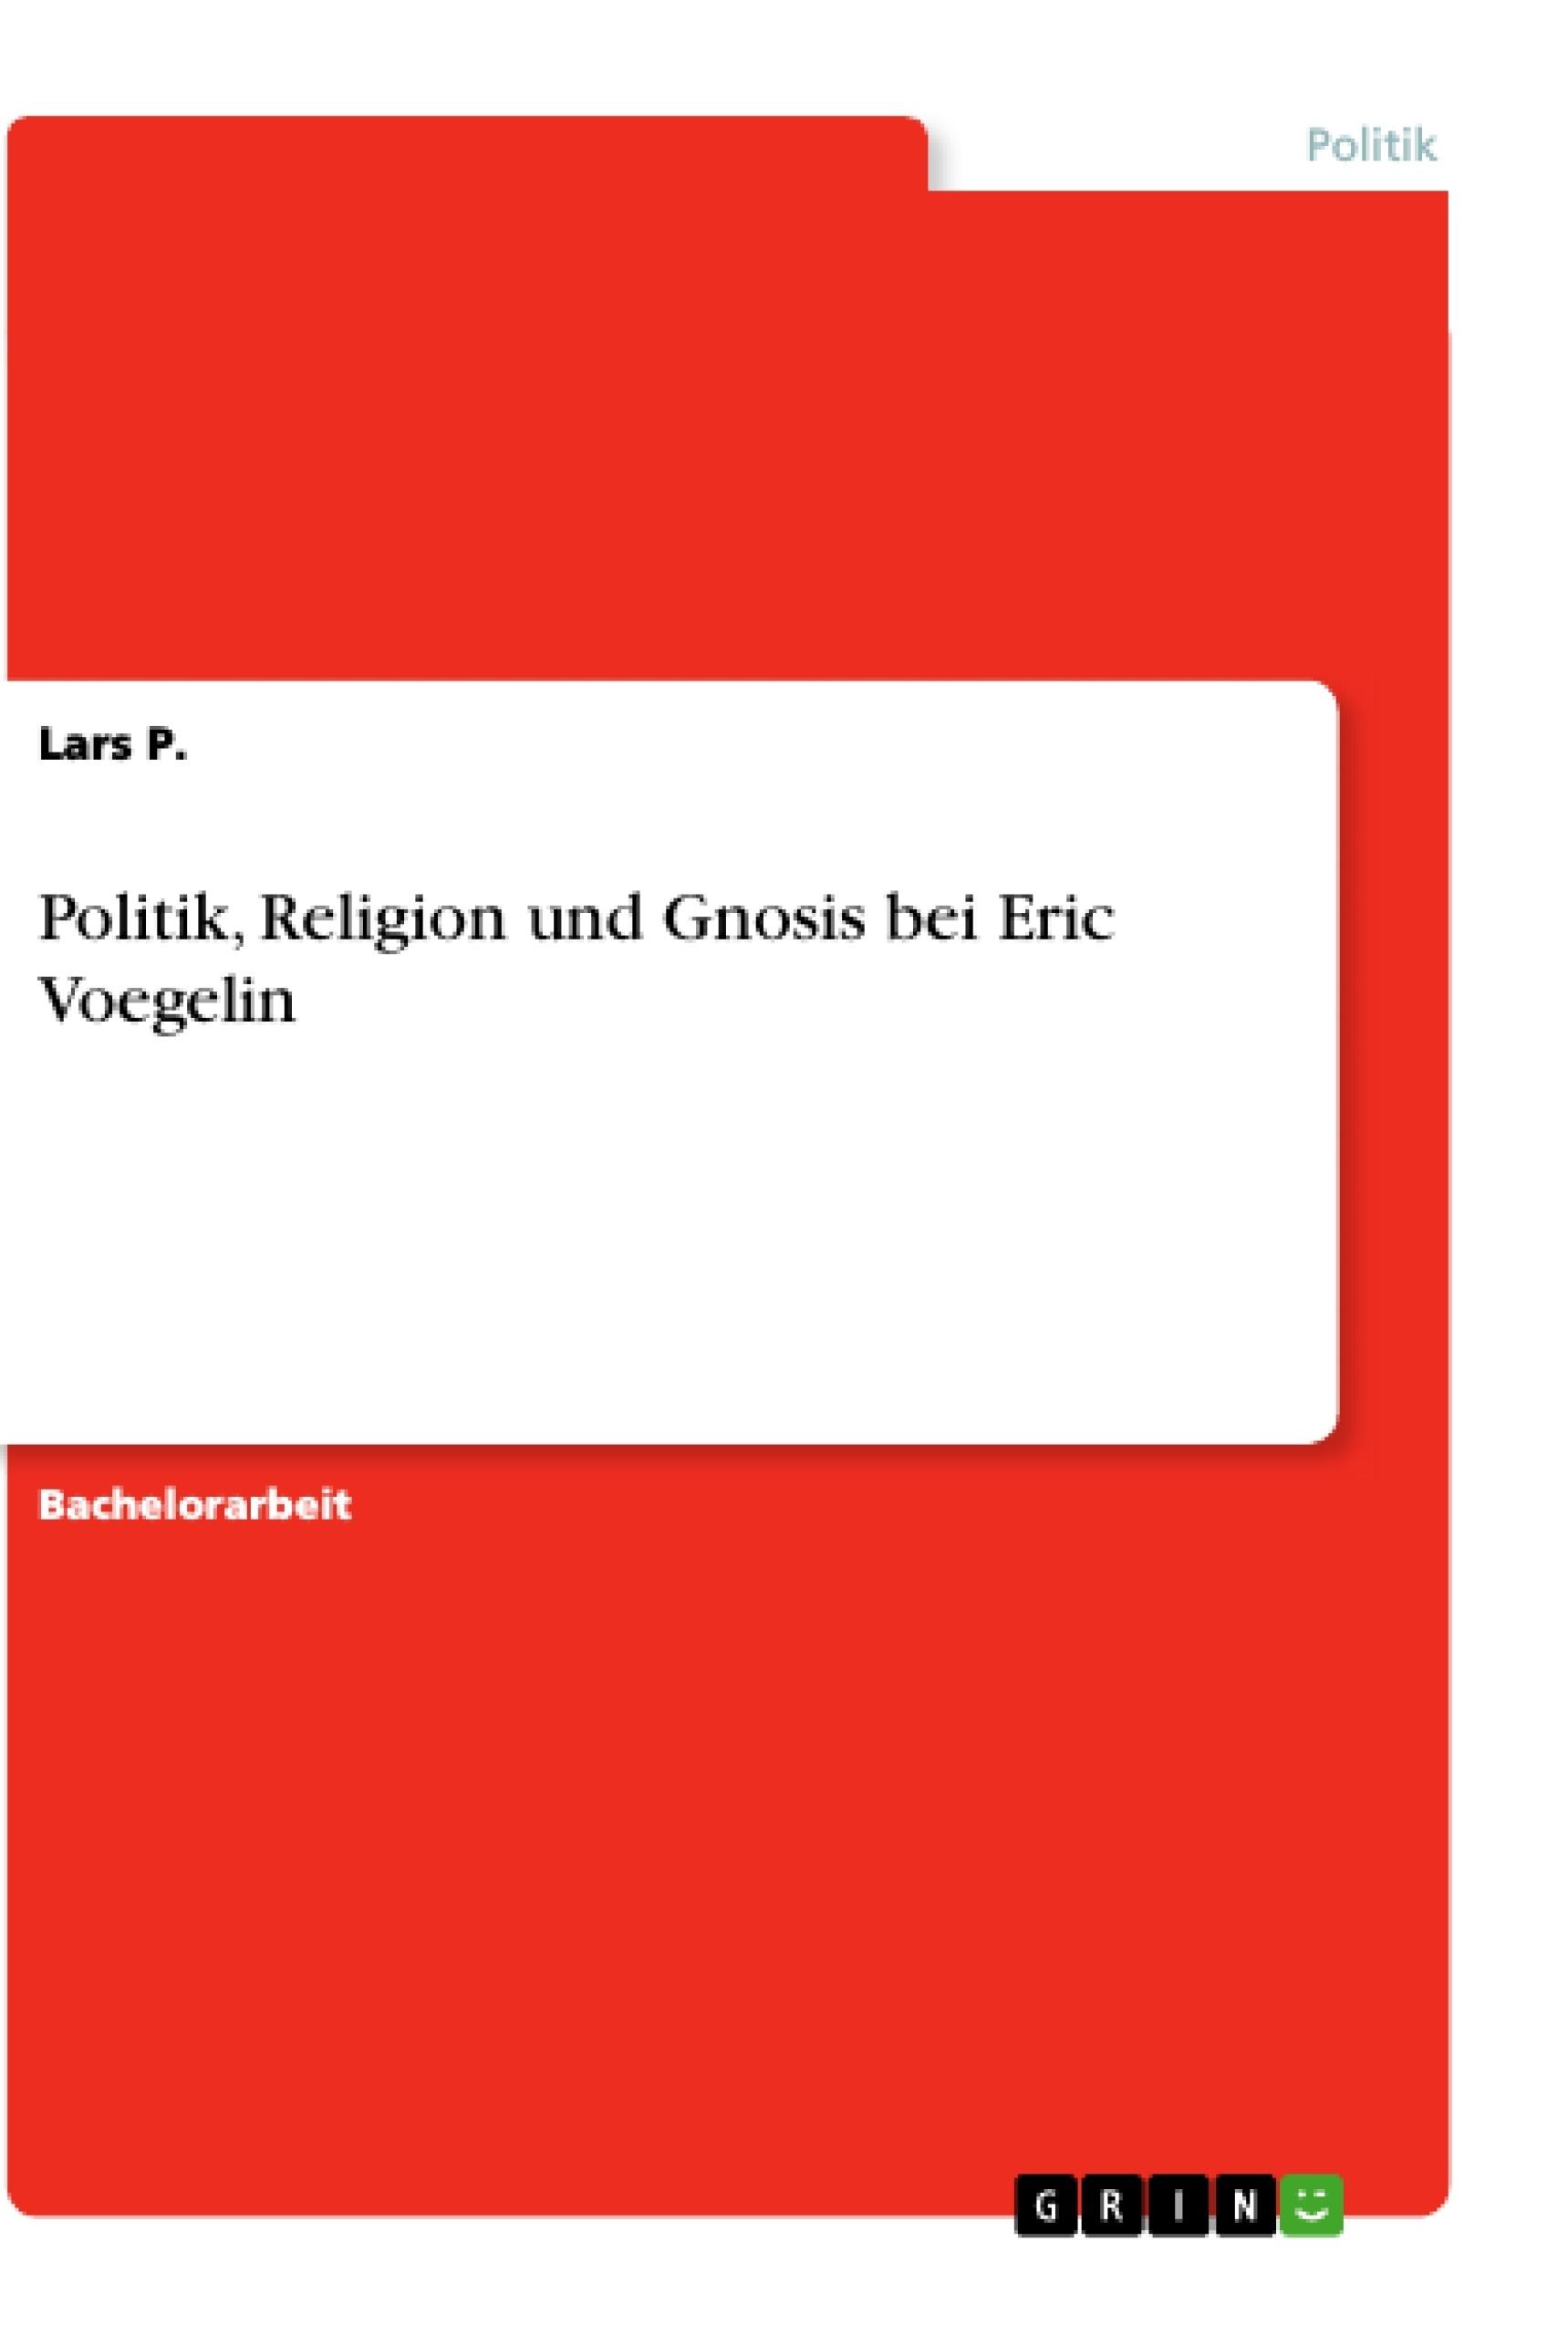 Titel: Politik, Religion und Gnosis bei Eric Voegelin